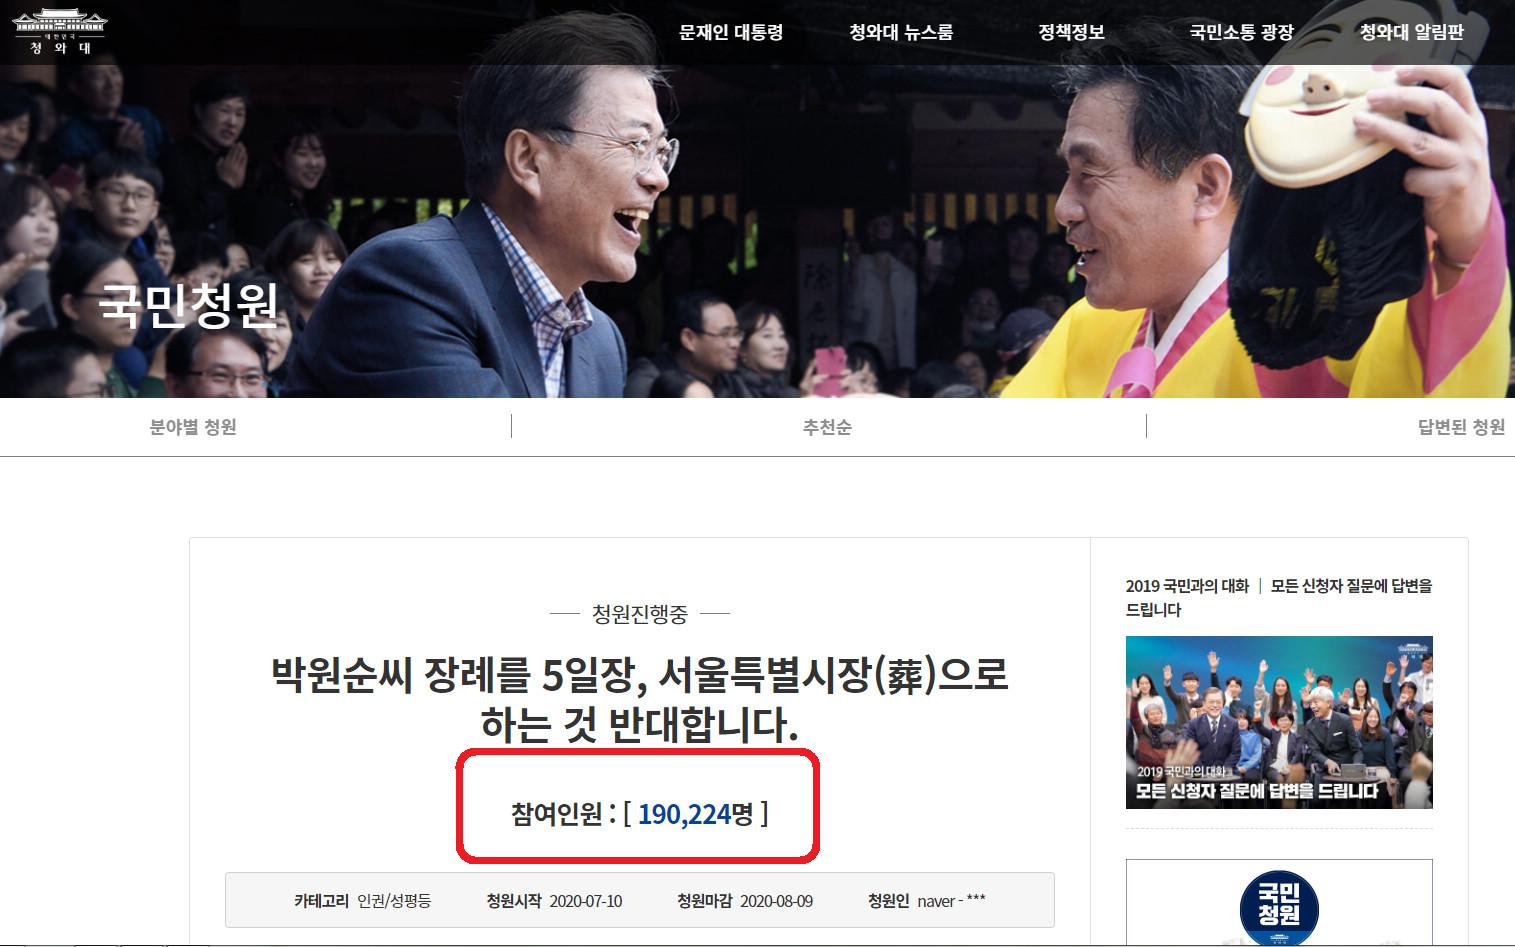 ▲▼南韓網友發起連署,反對首爾市廳高規格舉辦朴元淳喪禮。(圖/翻攝自青瓦台官網)